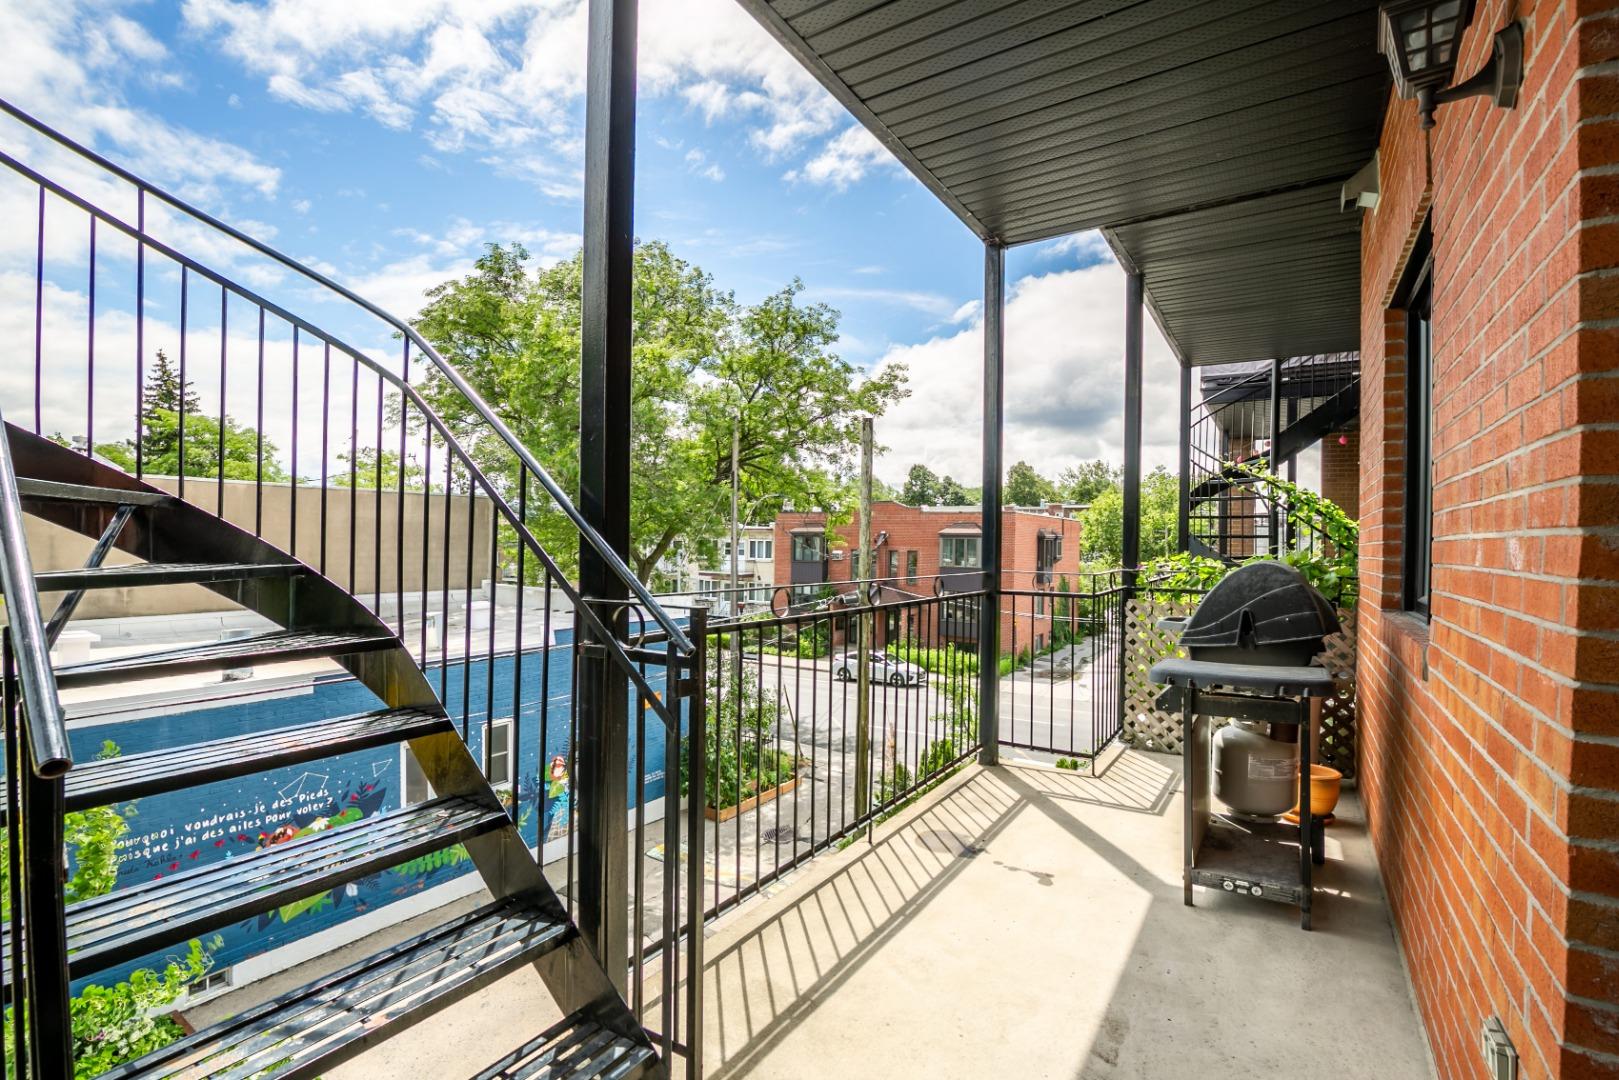 condo a vendre rosemont_montreal- 3860 rue masson_#3_AL-19.jpg